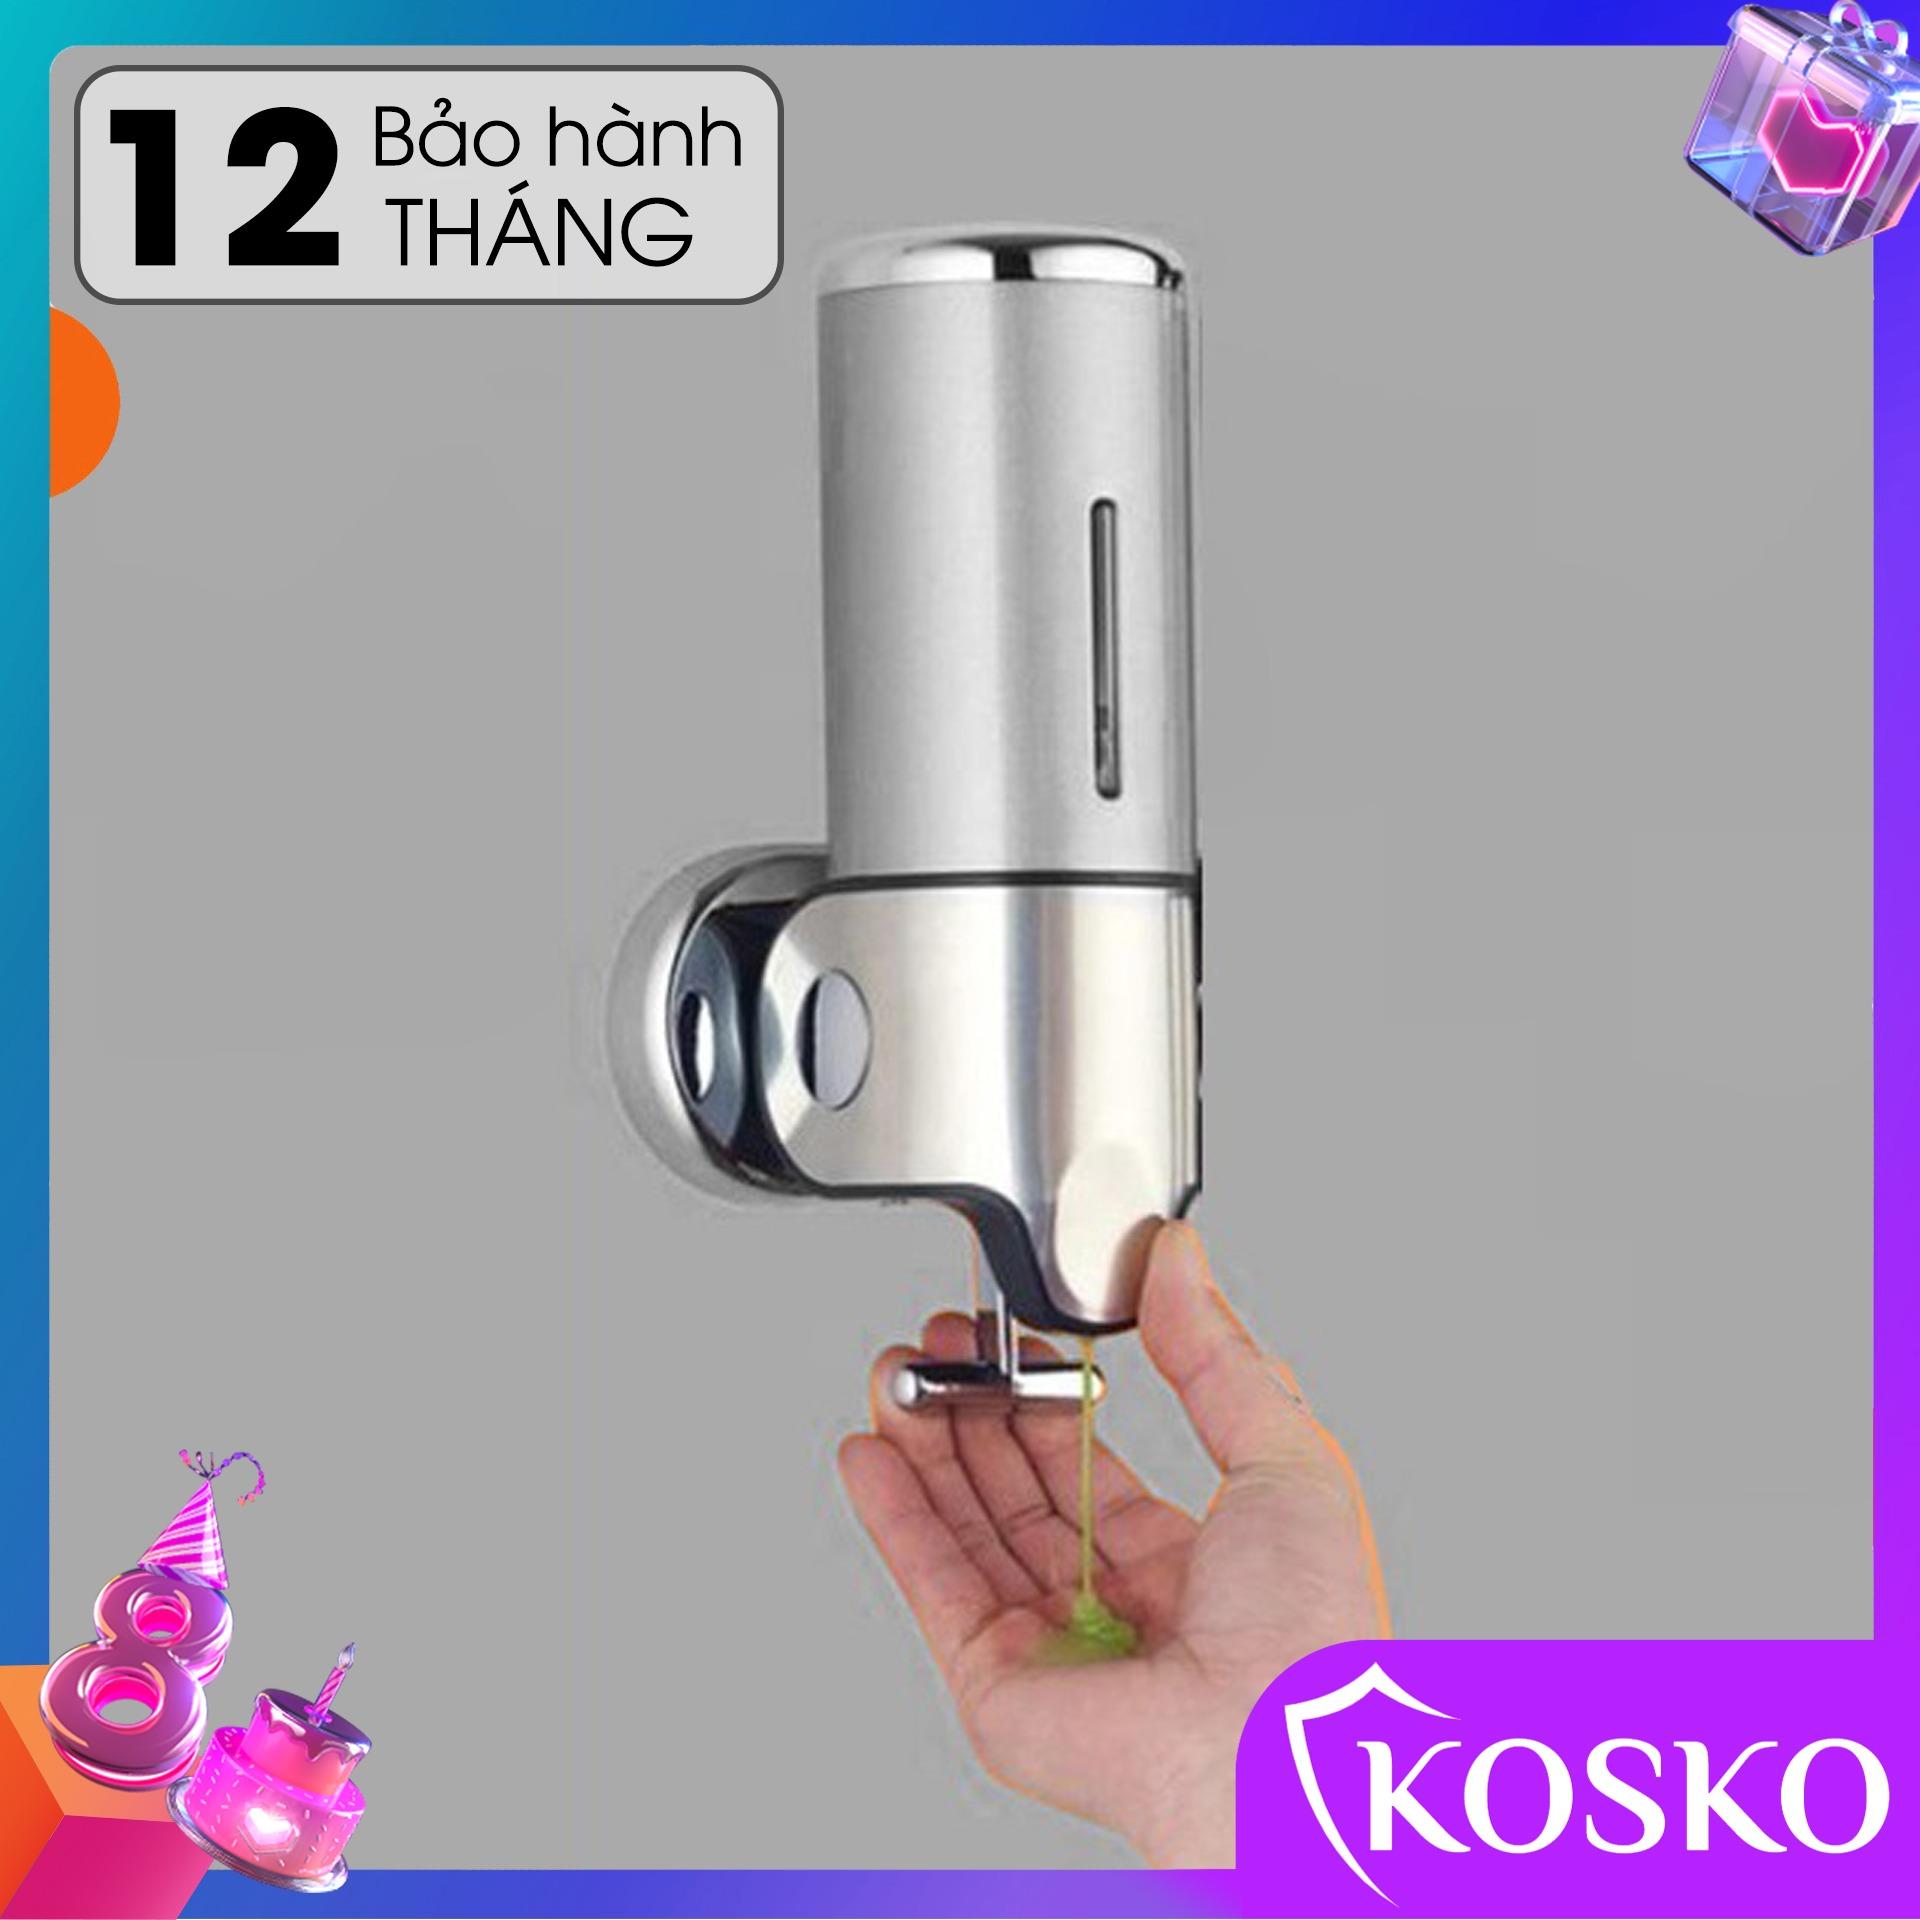 Hộp đựng dầu gội sữa tắm gắn tường KOSKO mã GANGANG KGG-87BĐ Bạc đơn, hộp đựng nước rửa tay lắp đặt dễ dàng - Sử Dụng Tiện Lợi (Bảo hành 12 tháng - 1 đổi 1 trong 15 ngày)